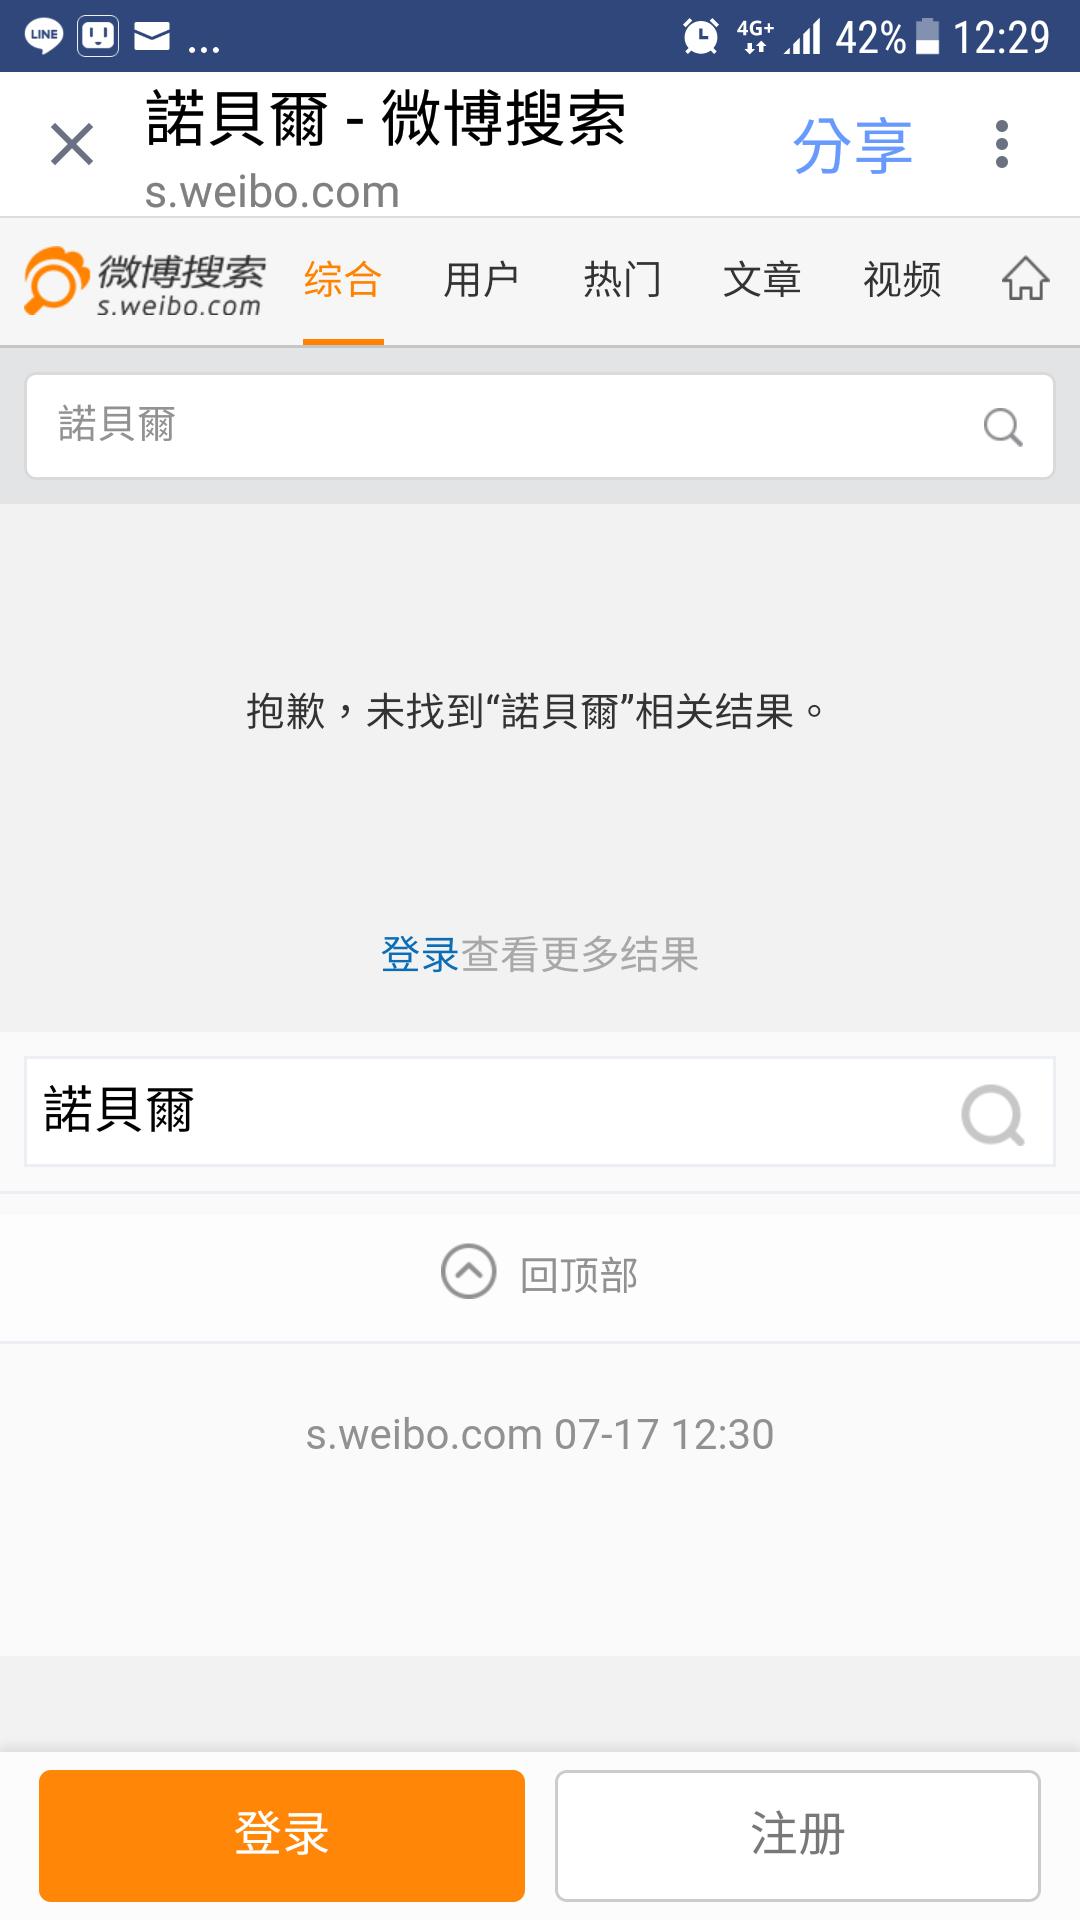 網友在PTT上表示中國把「諾貝爾」字眼從微博中禁絕。記者修瑞瑩/翻攝